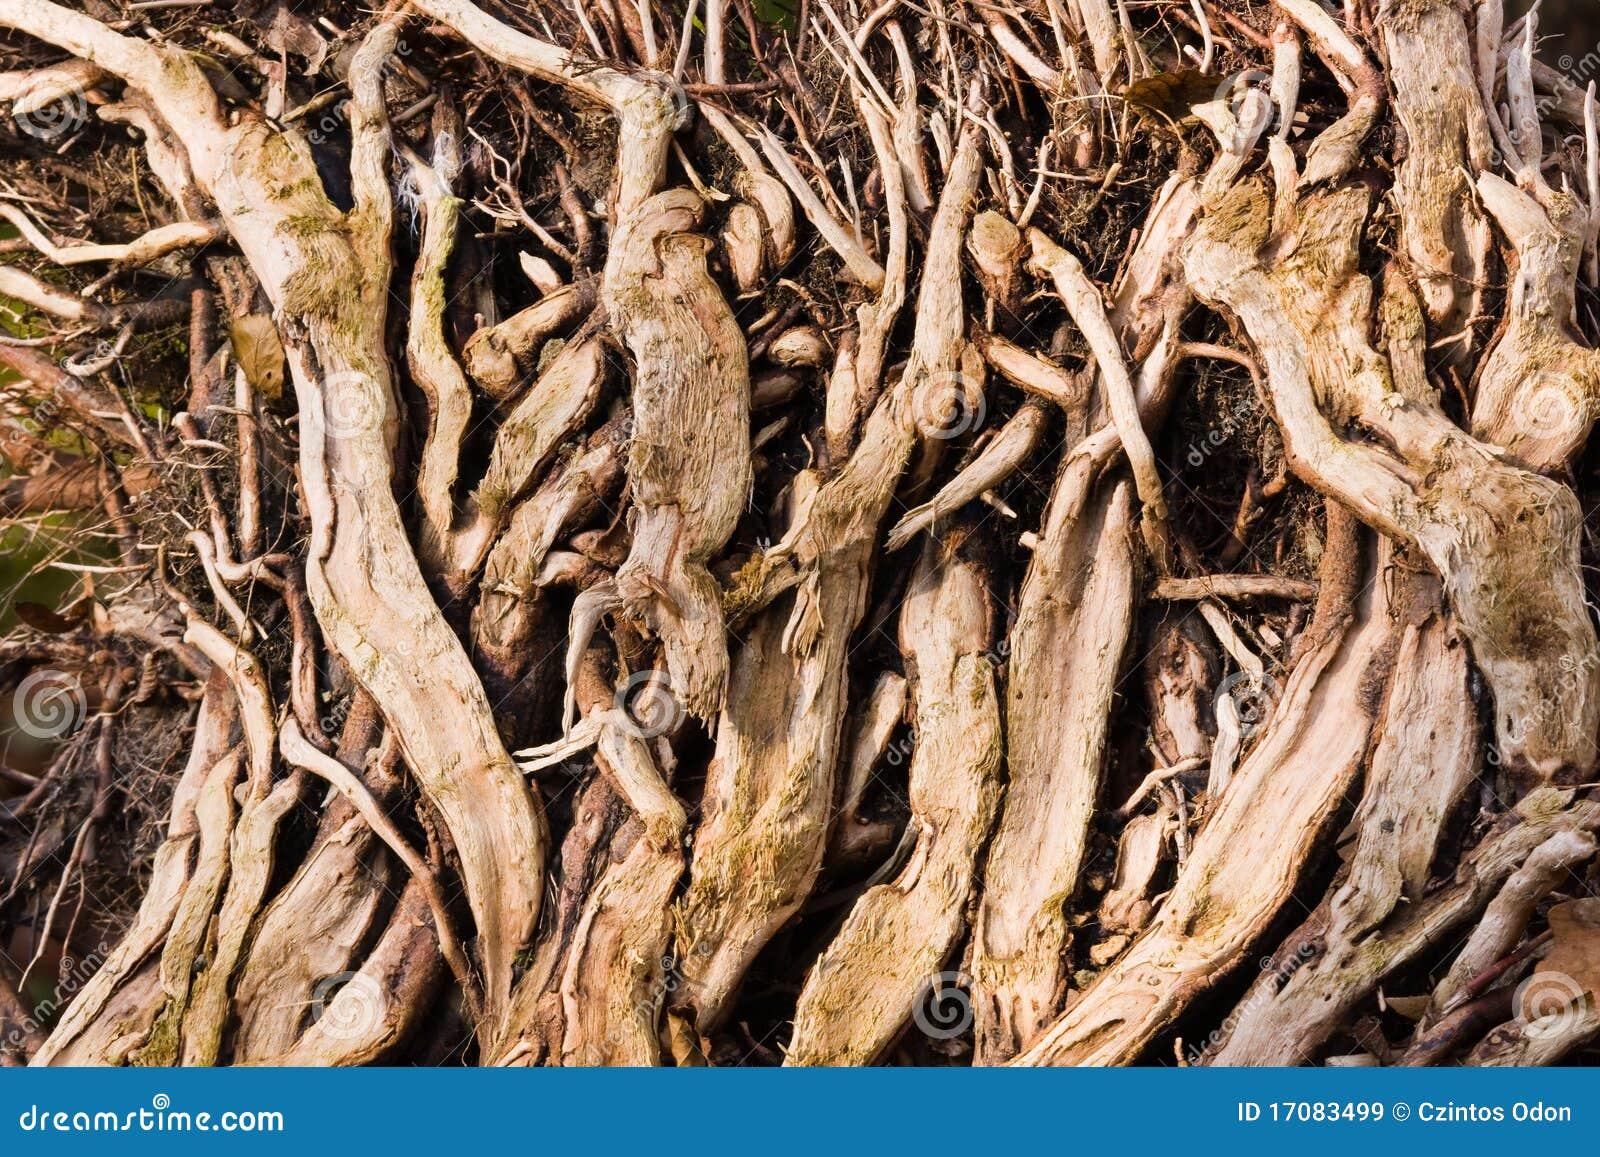 Wurzeln im Wald